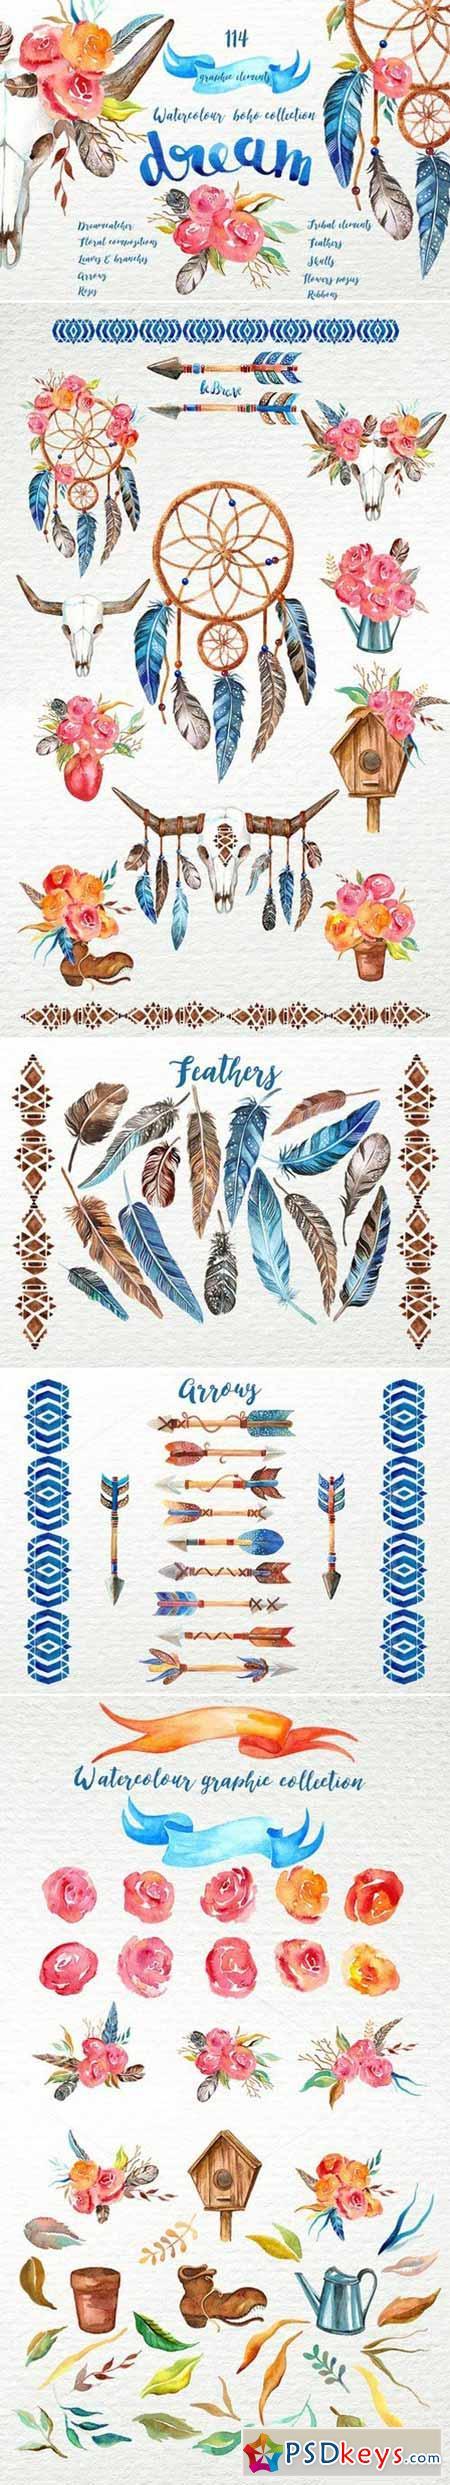 Watercolour boho dream collection 395692